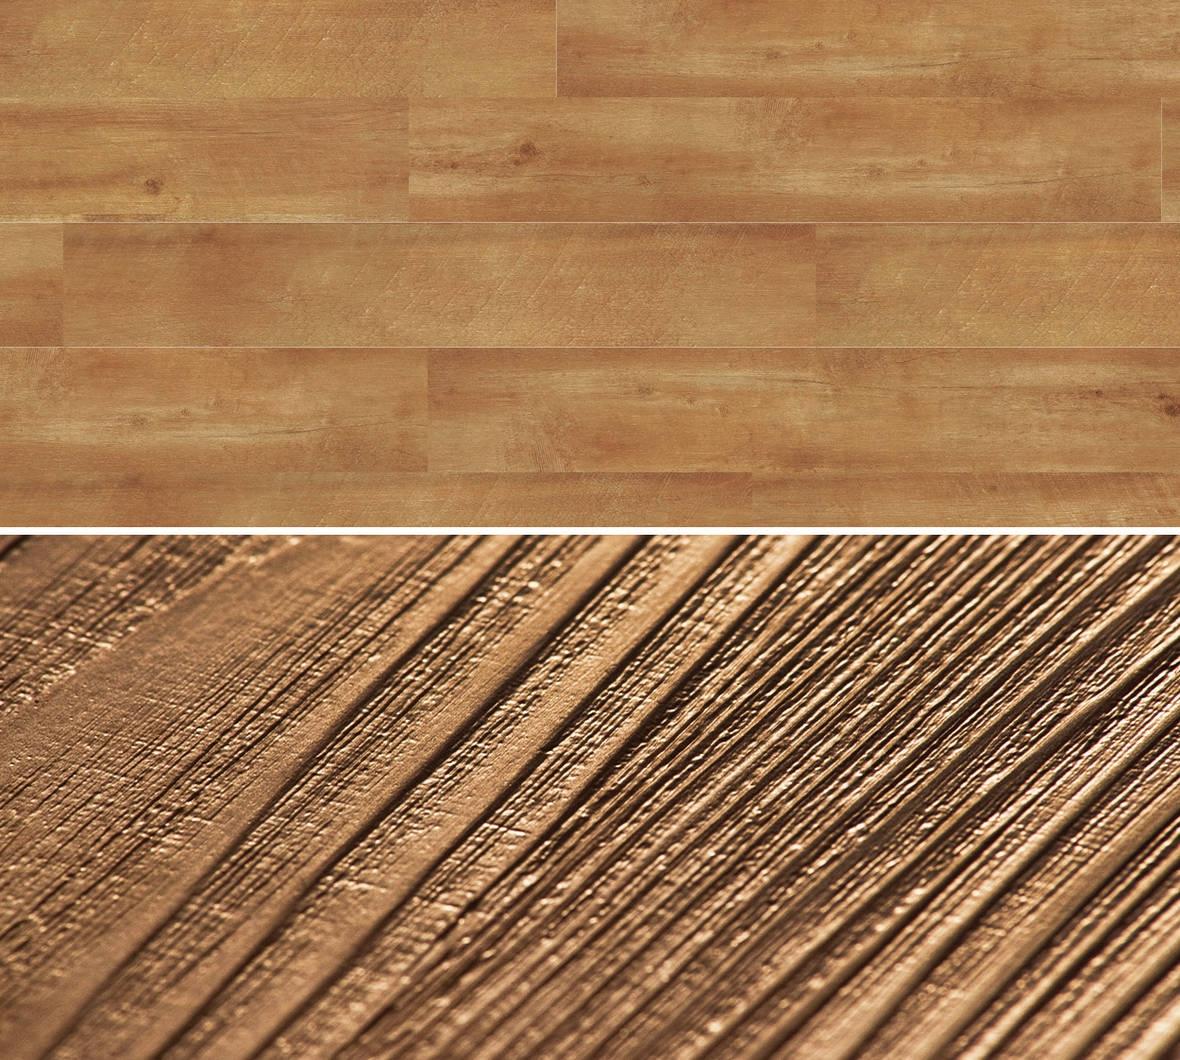 Vinylové podlahy Project Floors PW 2002 loose lay 30